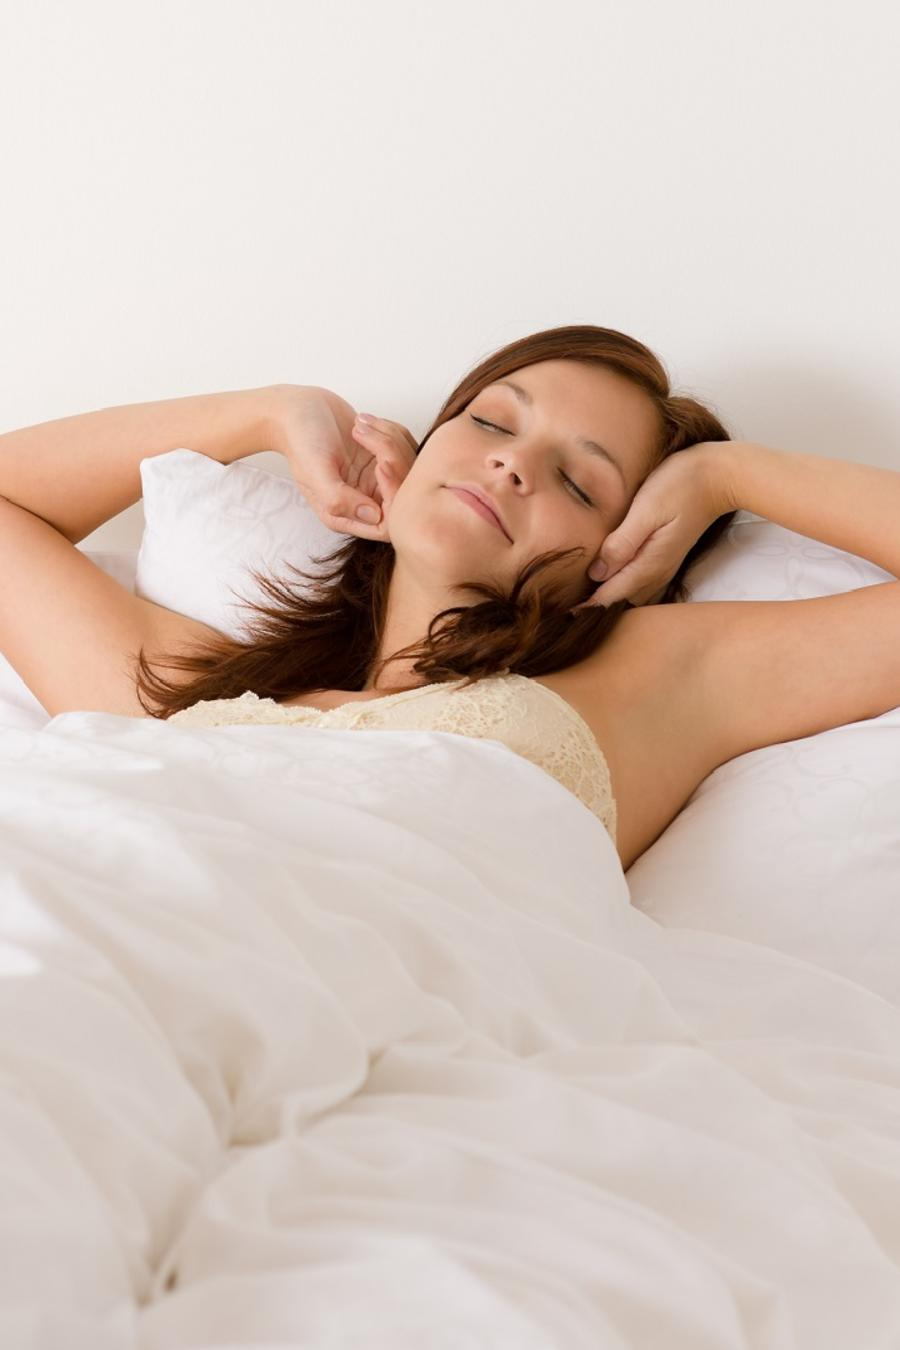 Mujer acostada en una cama cubierta con sábanas blancas